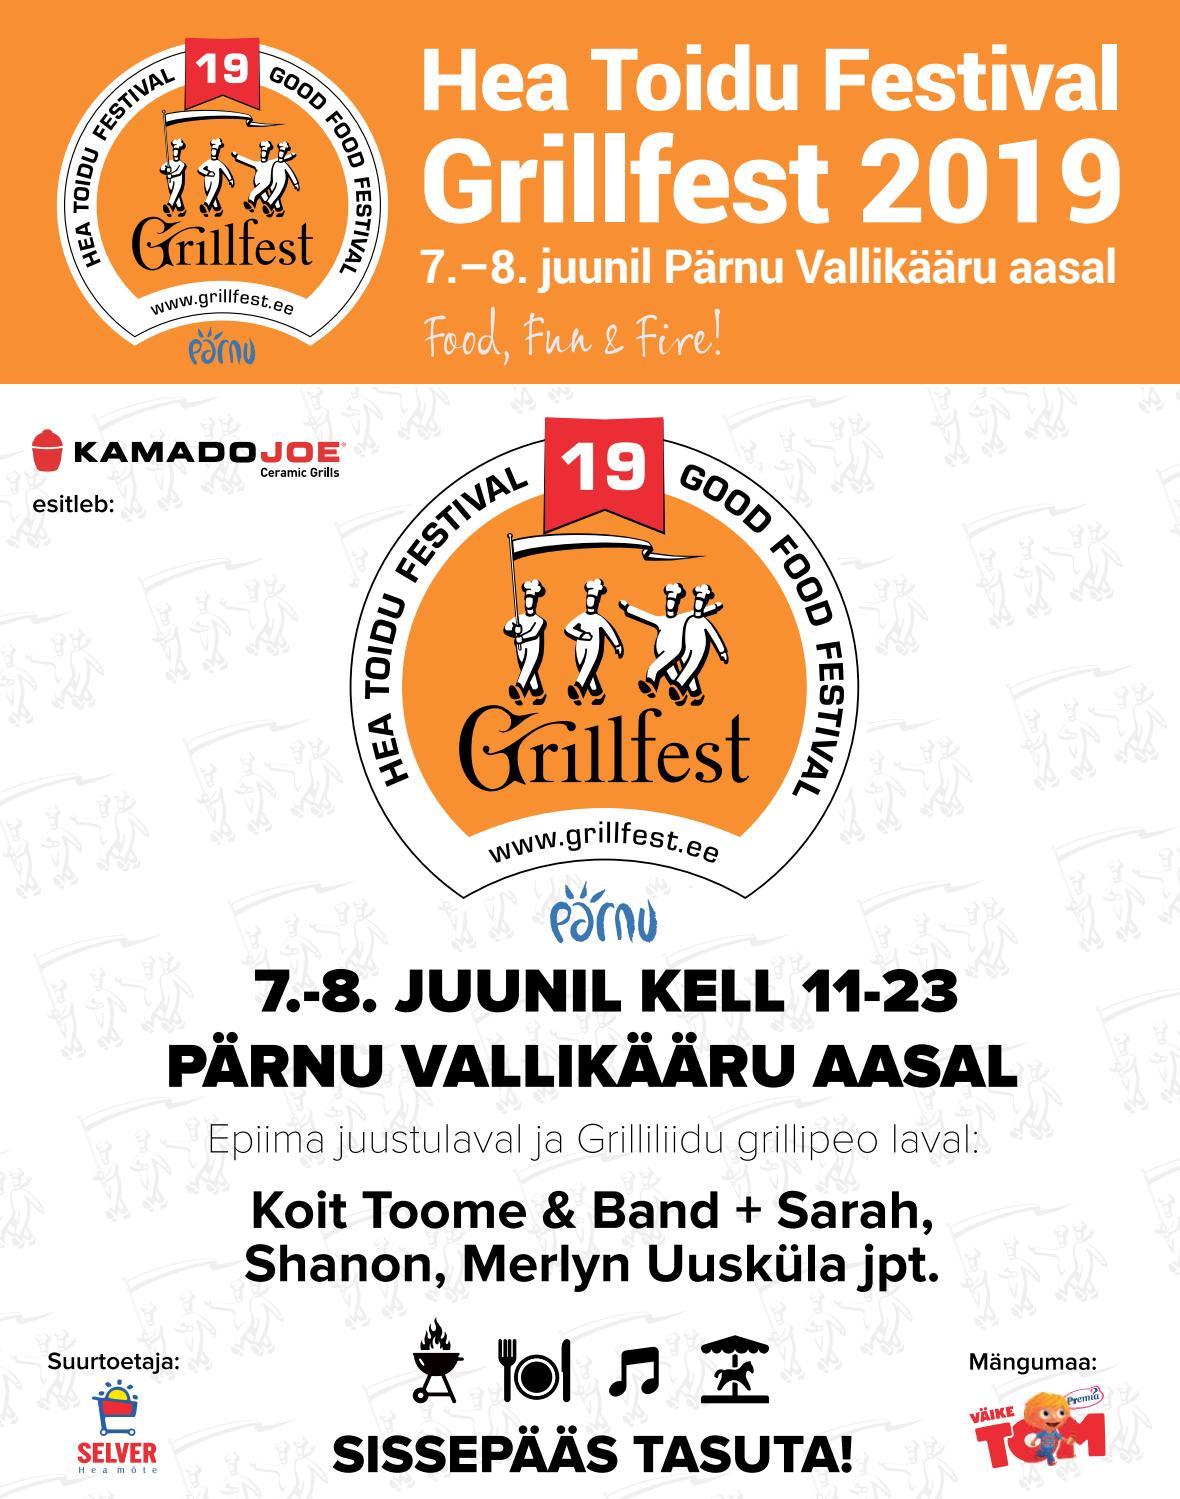 6d3ed2f7ff8 Hea Toidu Festival - Grillfest 2019 ajaleht (Eesti Ekspress) by Eesti  Messid / Eesti Festivalid / Eesti Konverentsid - issuu